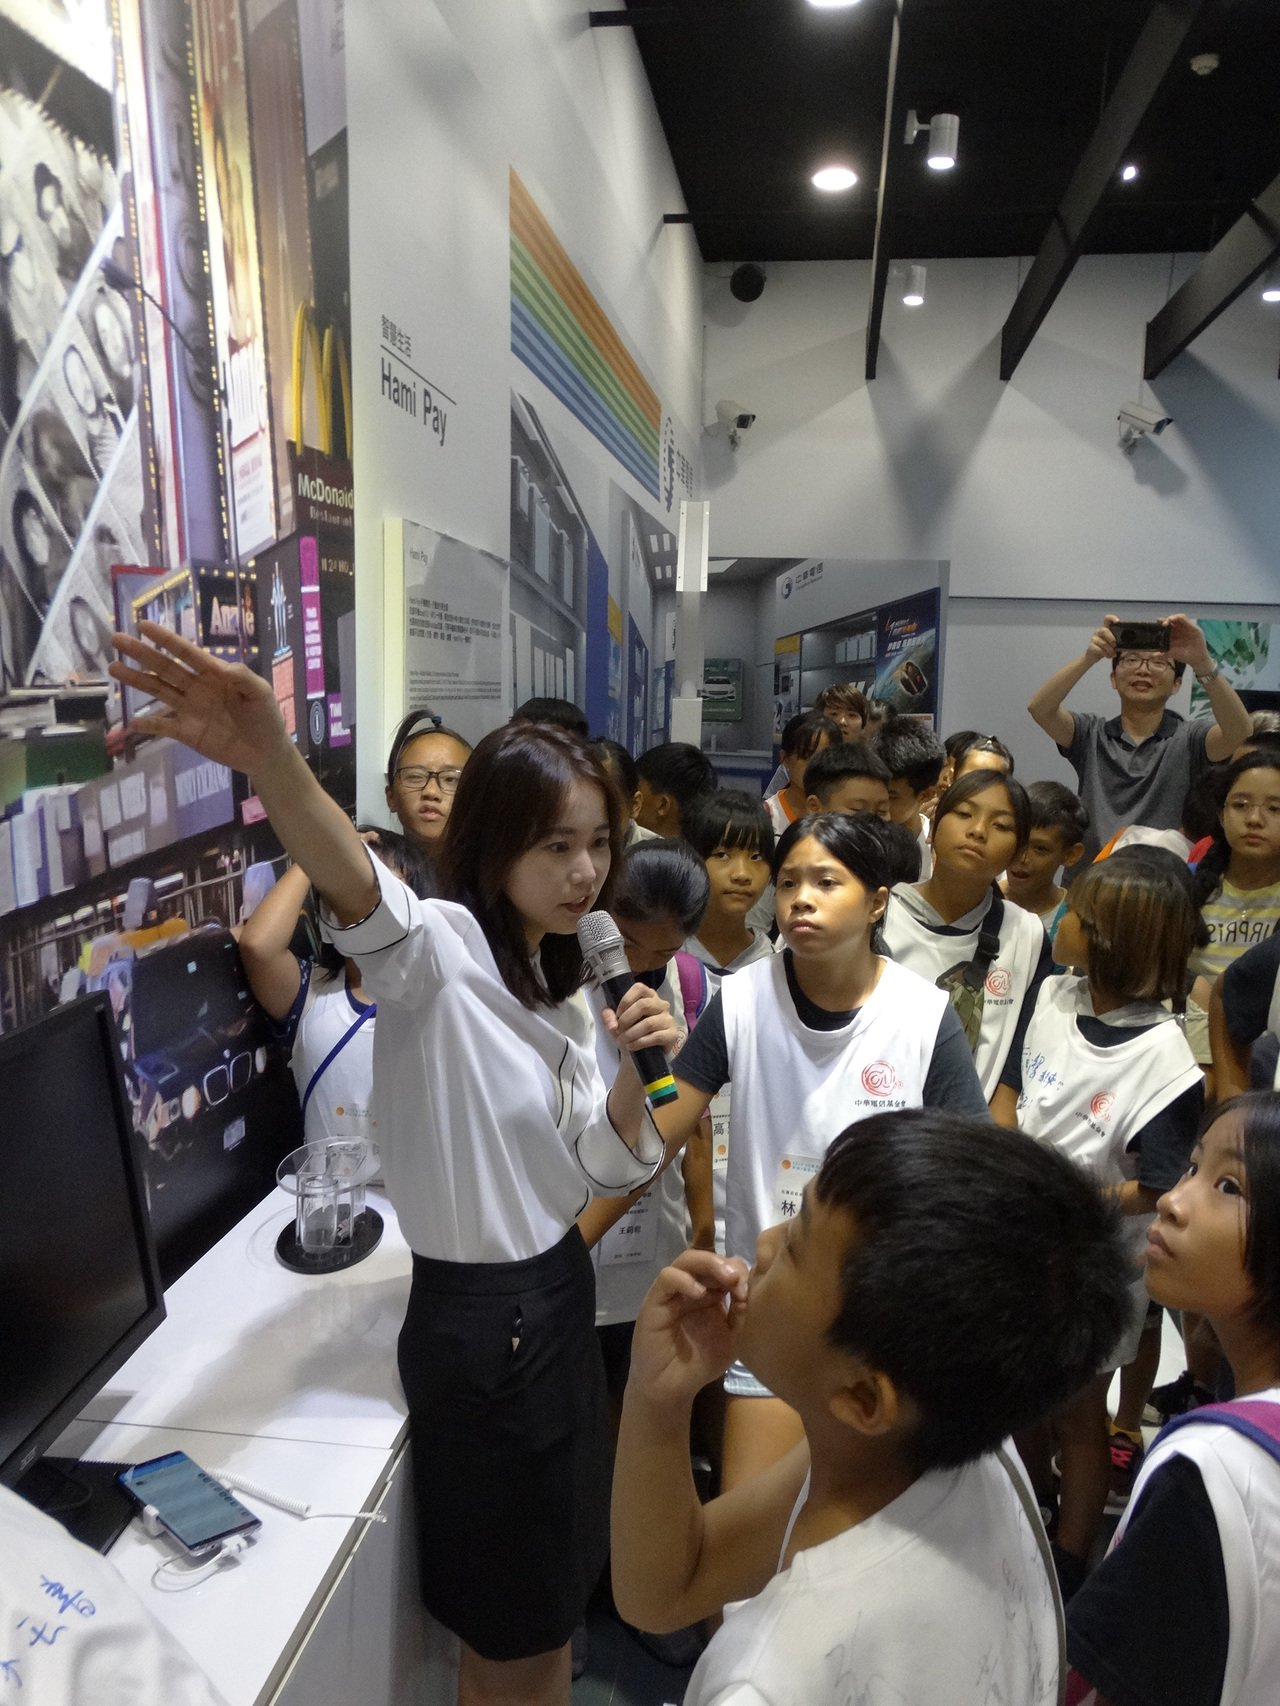 中華電信邀請小朋友參觀「中華電信明日智慧生活館」,孩子們充滿好奇 圖/中華電信提...